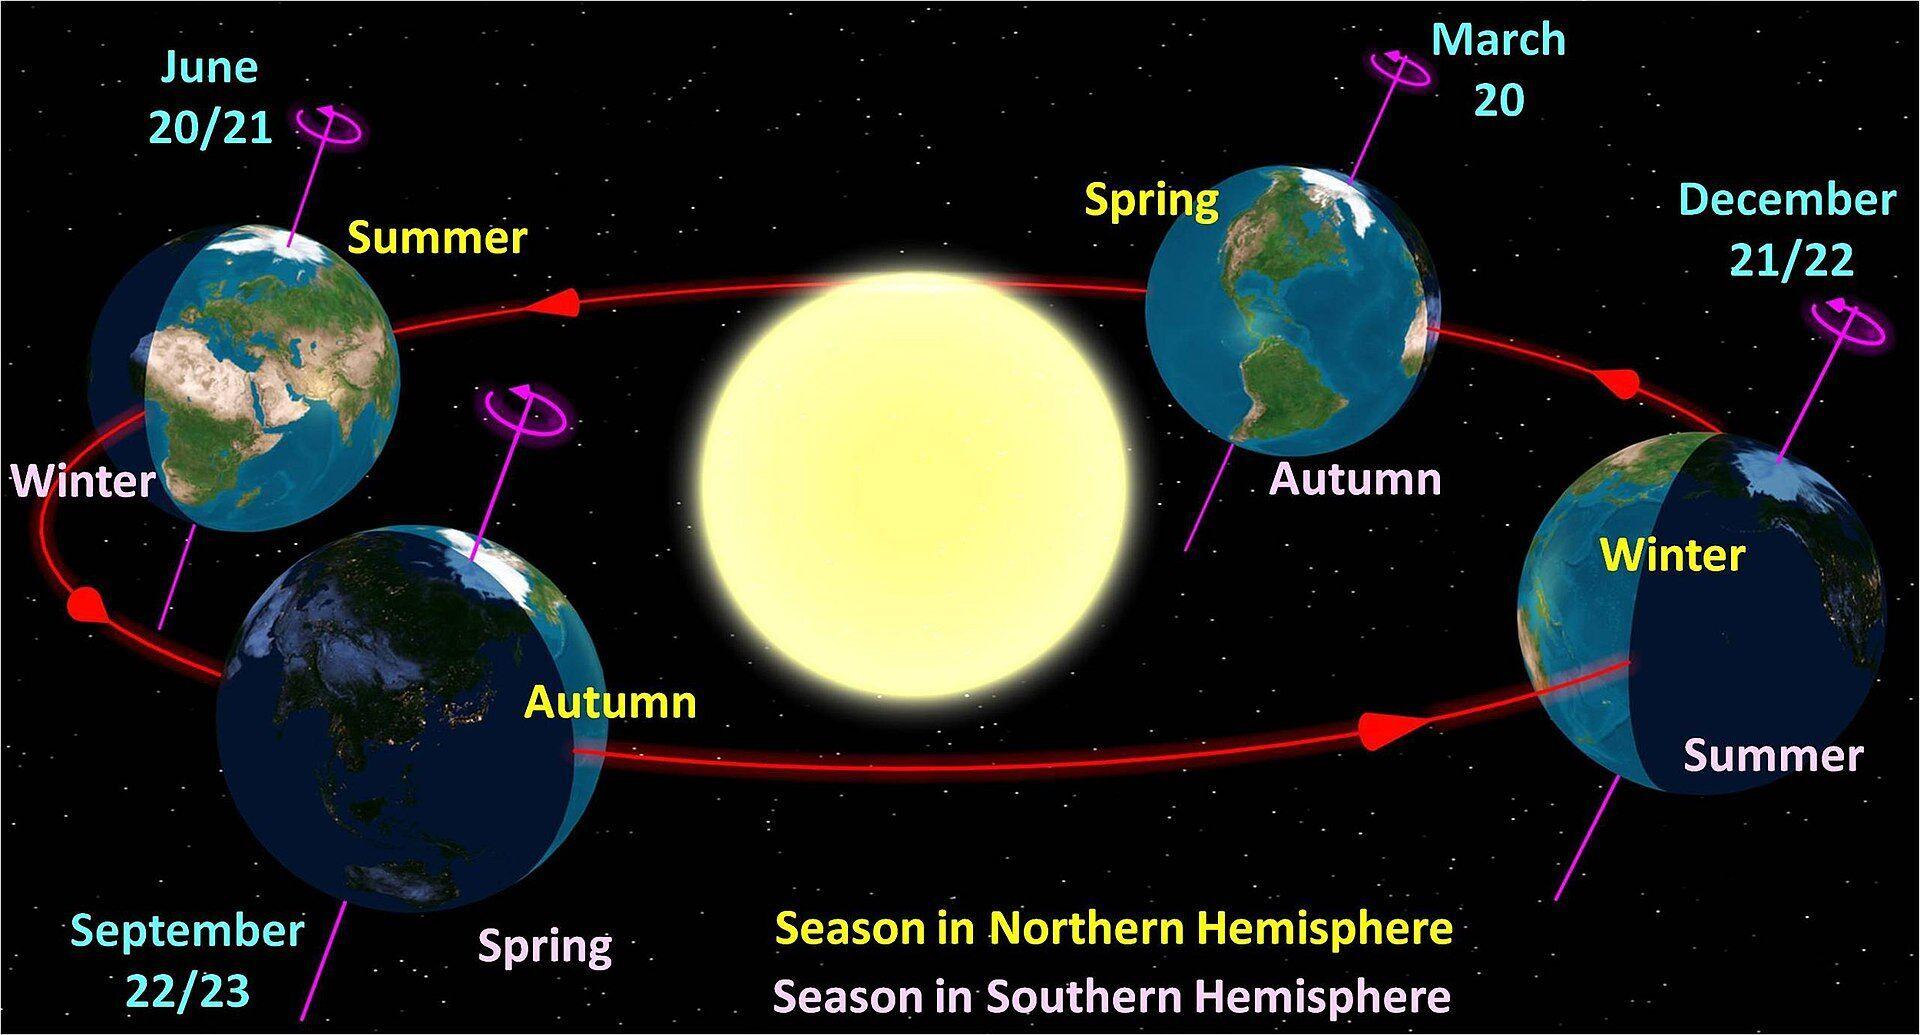 Летнее солнцестояние выпадает на самый длинный день и самую короткую ночь в году